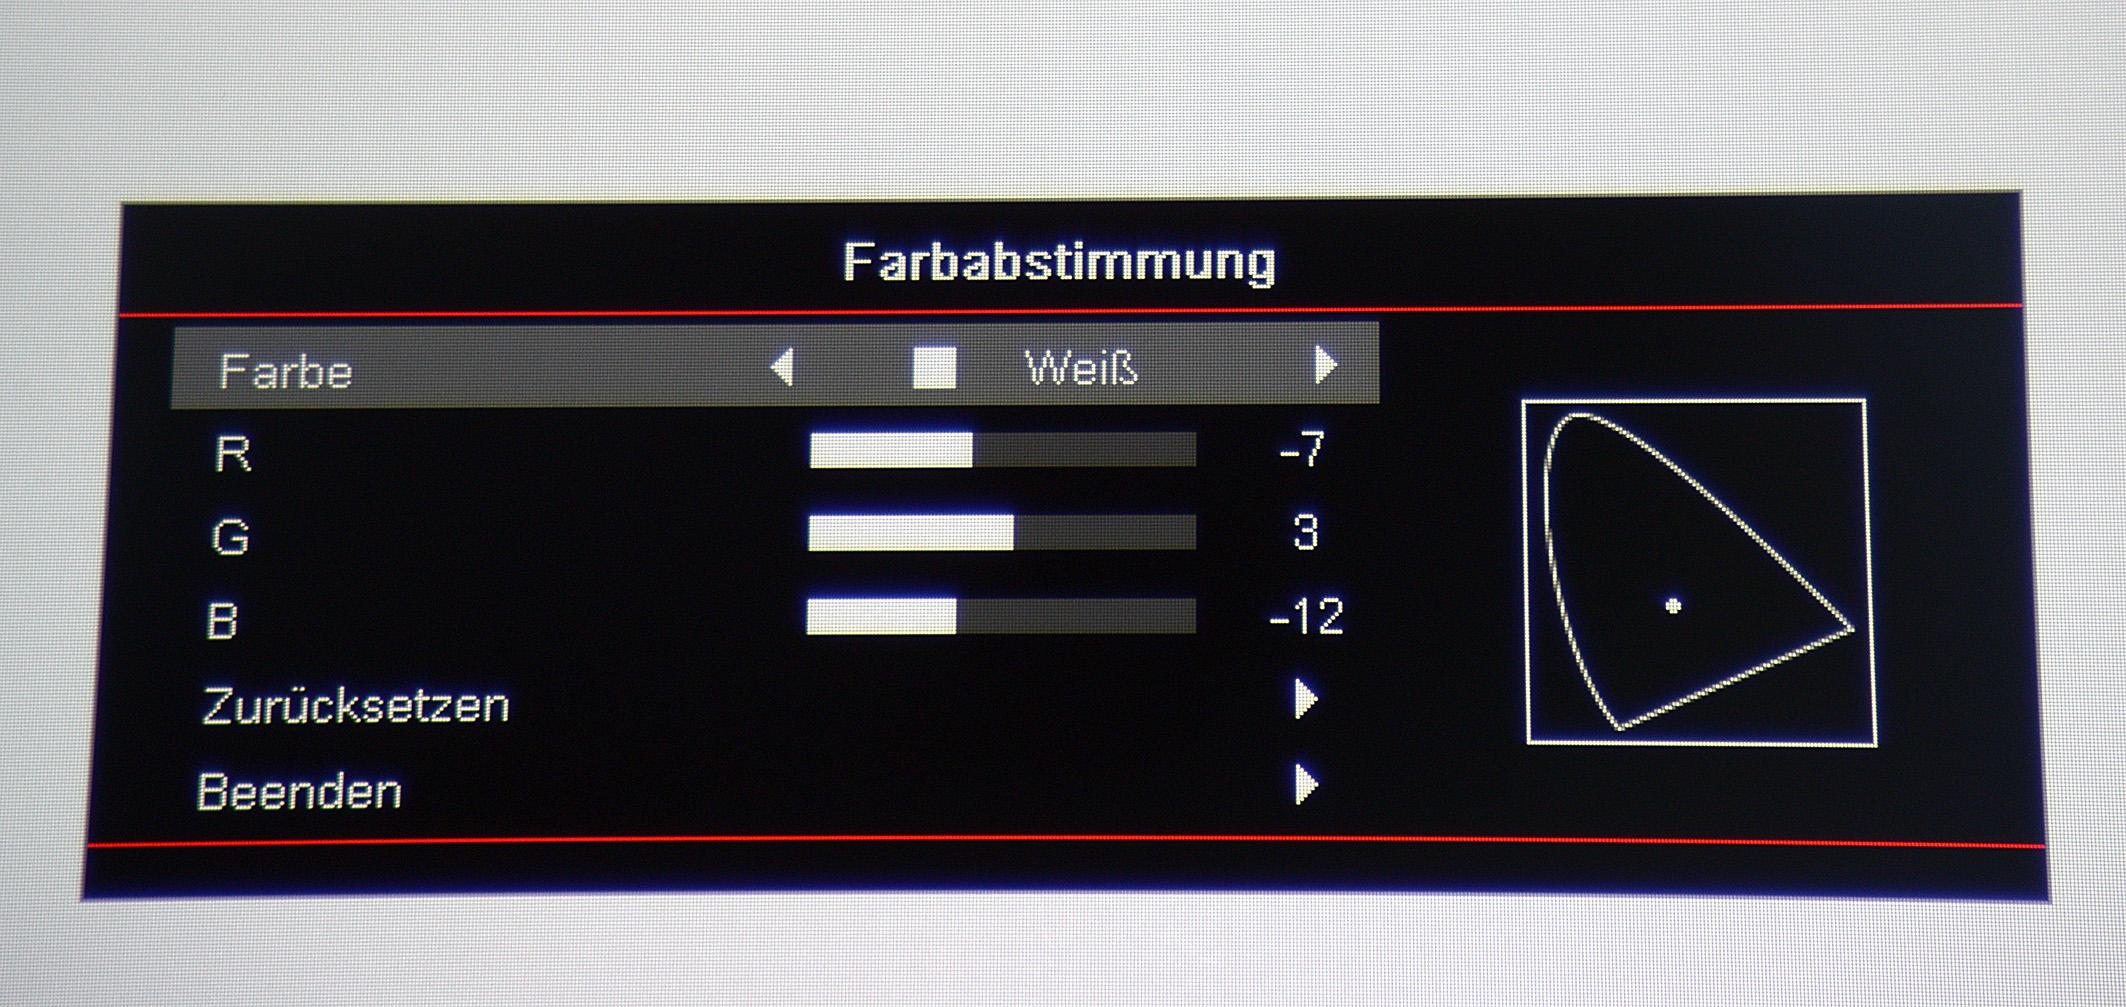 """Im Menü """"Farbabstimmung"""", das für die Einstellung der Primär- und Sekundärfarben vorgesehen ist, gibt es neben Rot, Grün, Blau, Magenta, Cyan und Gelb noch zusätzlich den Reiter """"Weiß"""". Mit dem Letztgenannten kann die Farbtemperatur perfekt eingestellt werden. Die RGB-Parameter sorgen für einen ausgesprochen linearen Graustufenverlauf. Klasse!"""